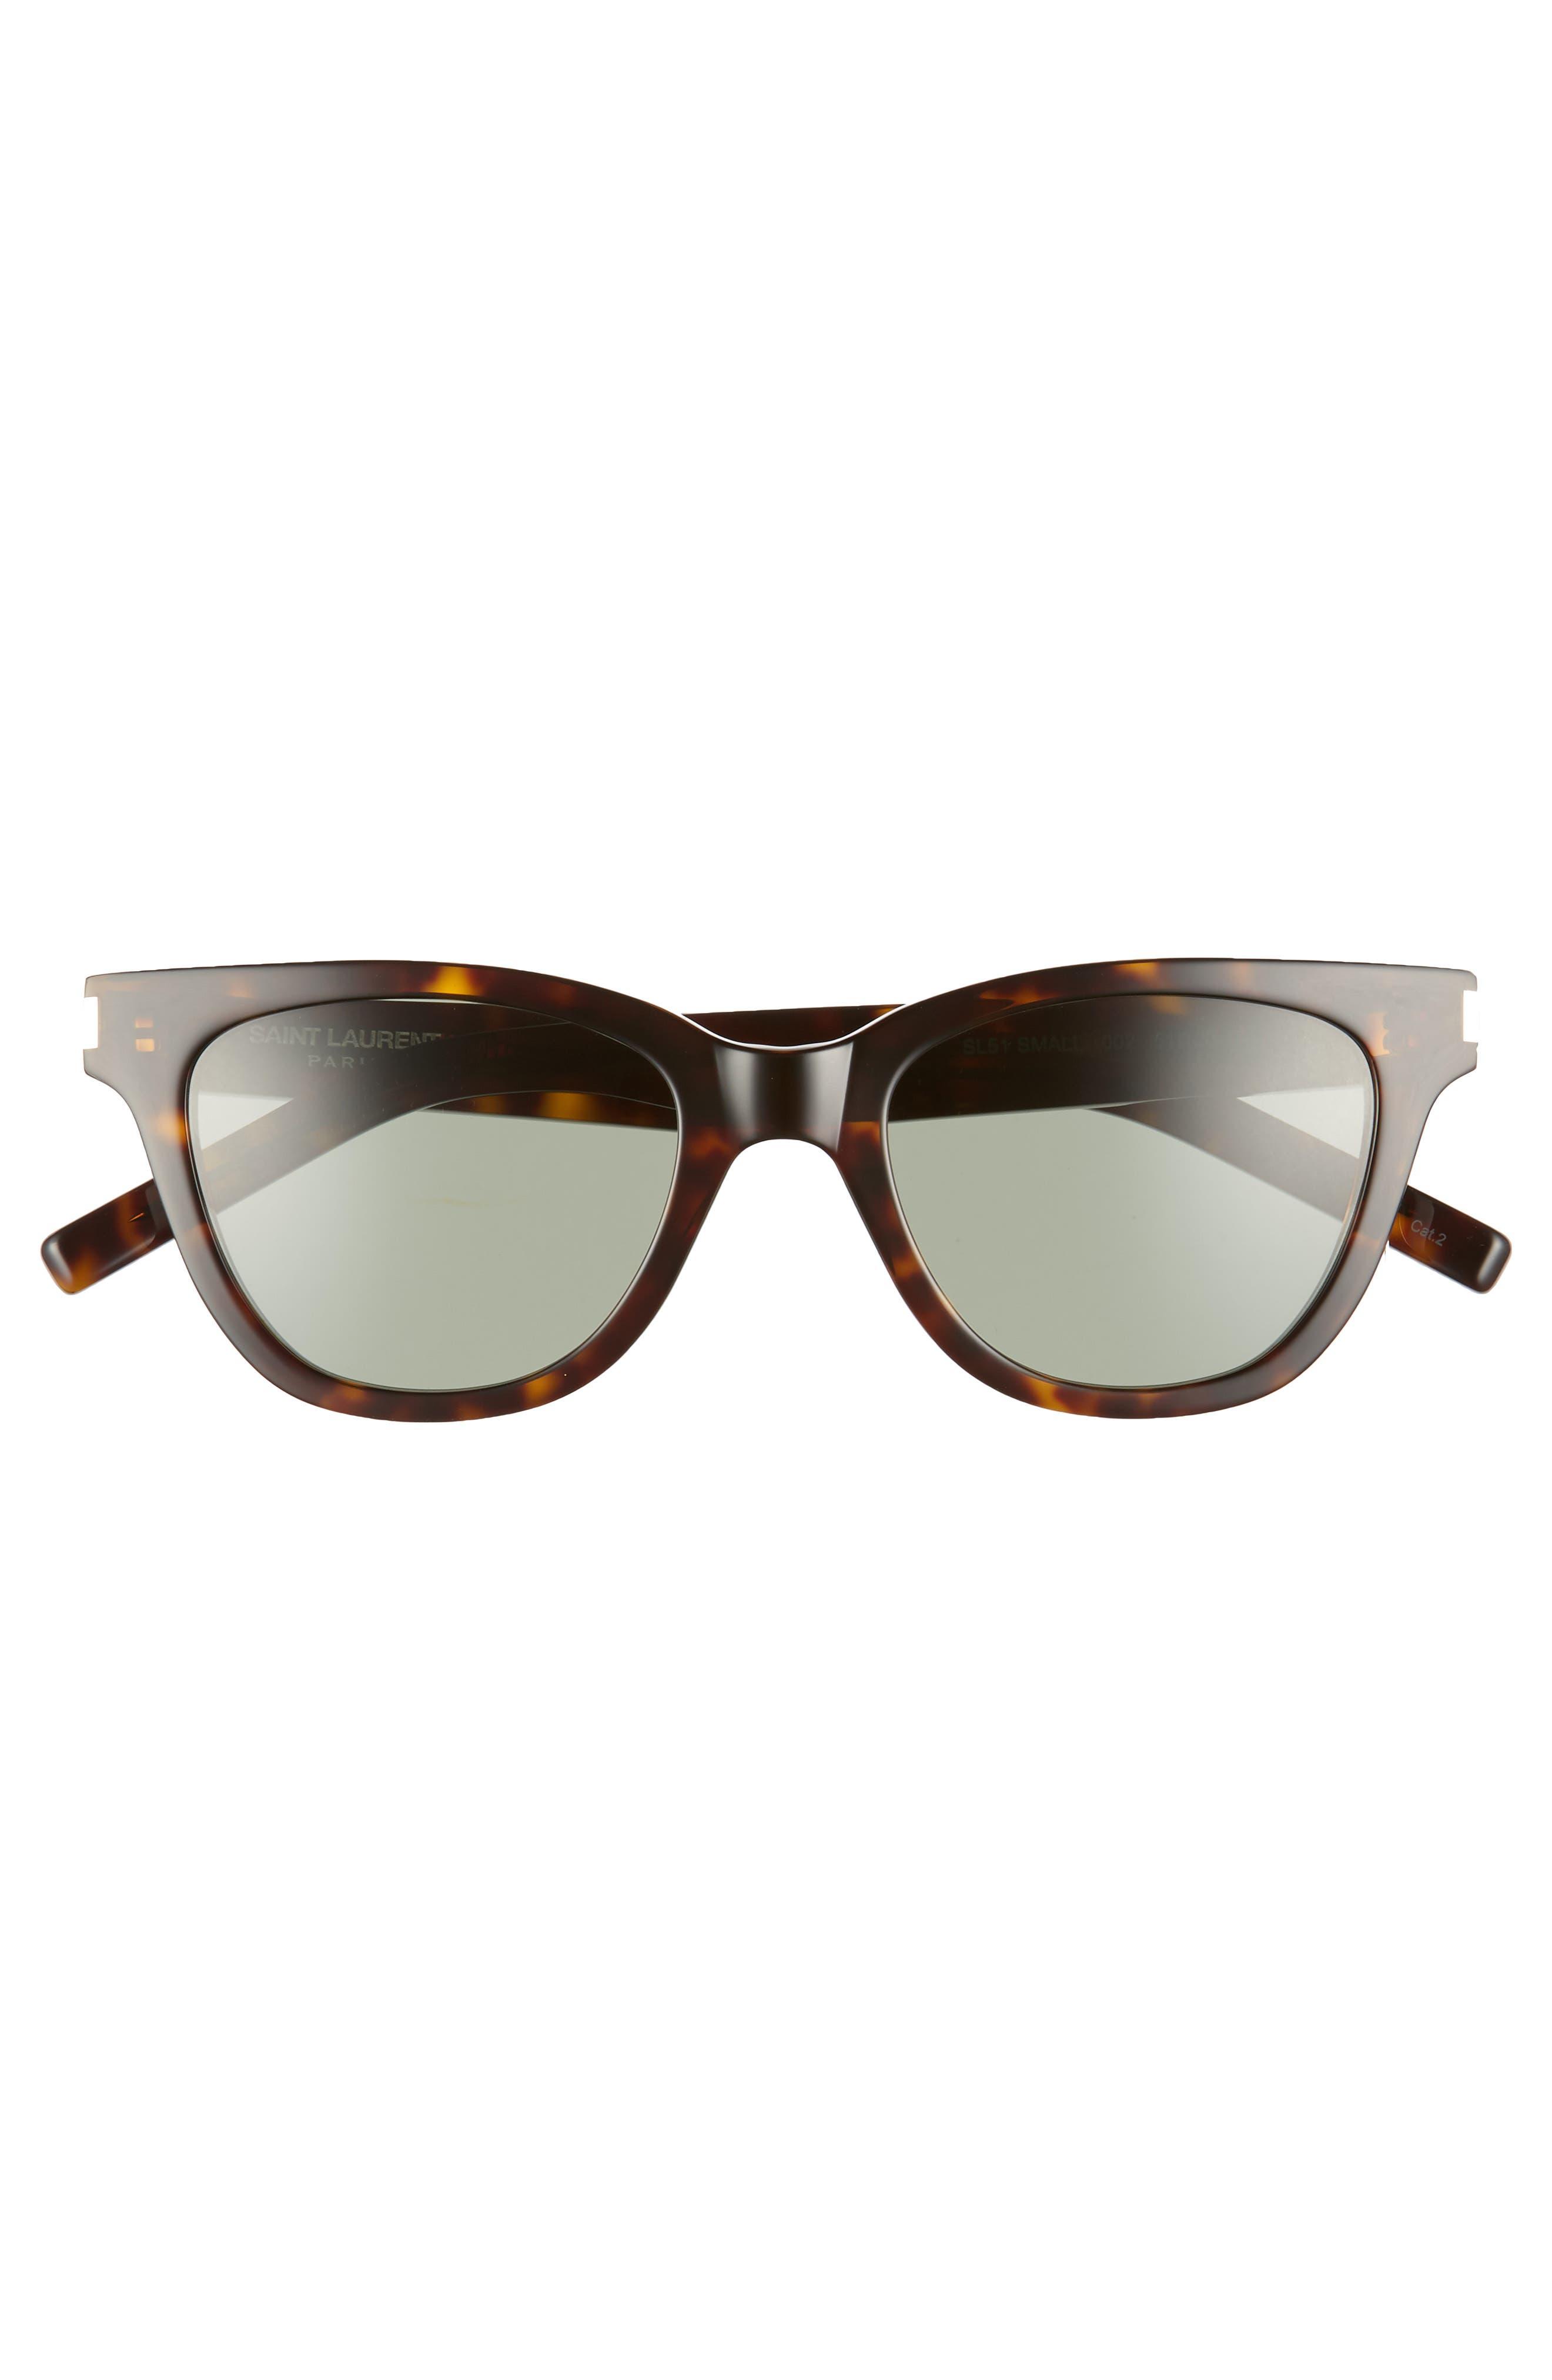 51mm Cat Eye Sunglasses,                             Alternate thumbnail 3, color,                             DARK HAVANA/ GREEN